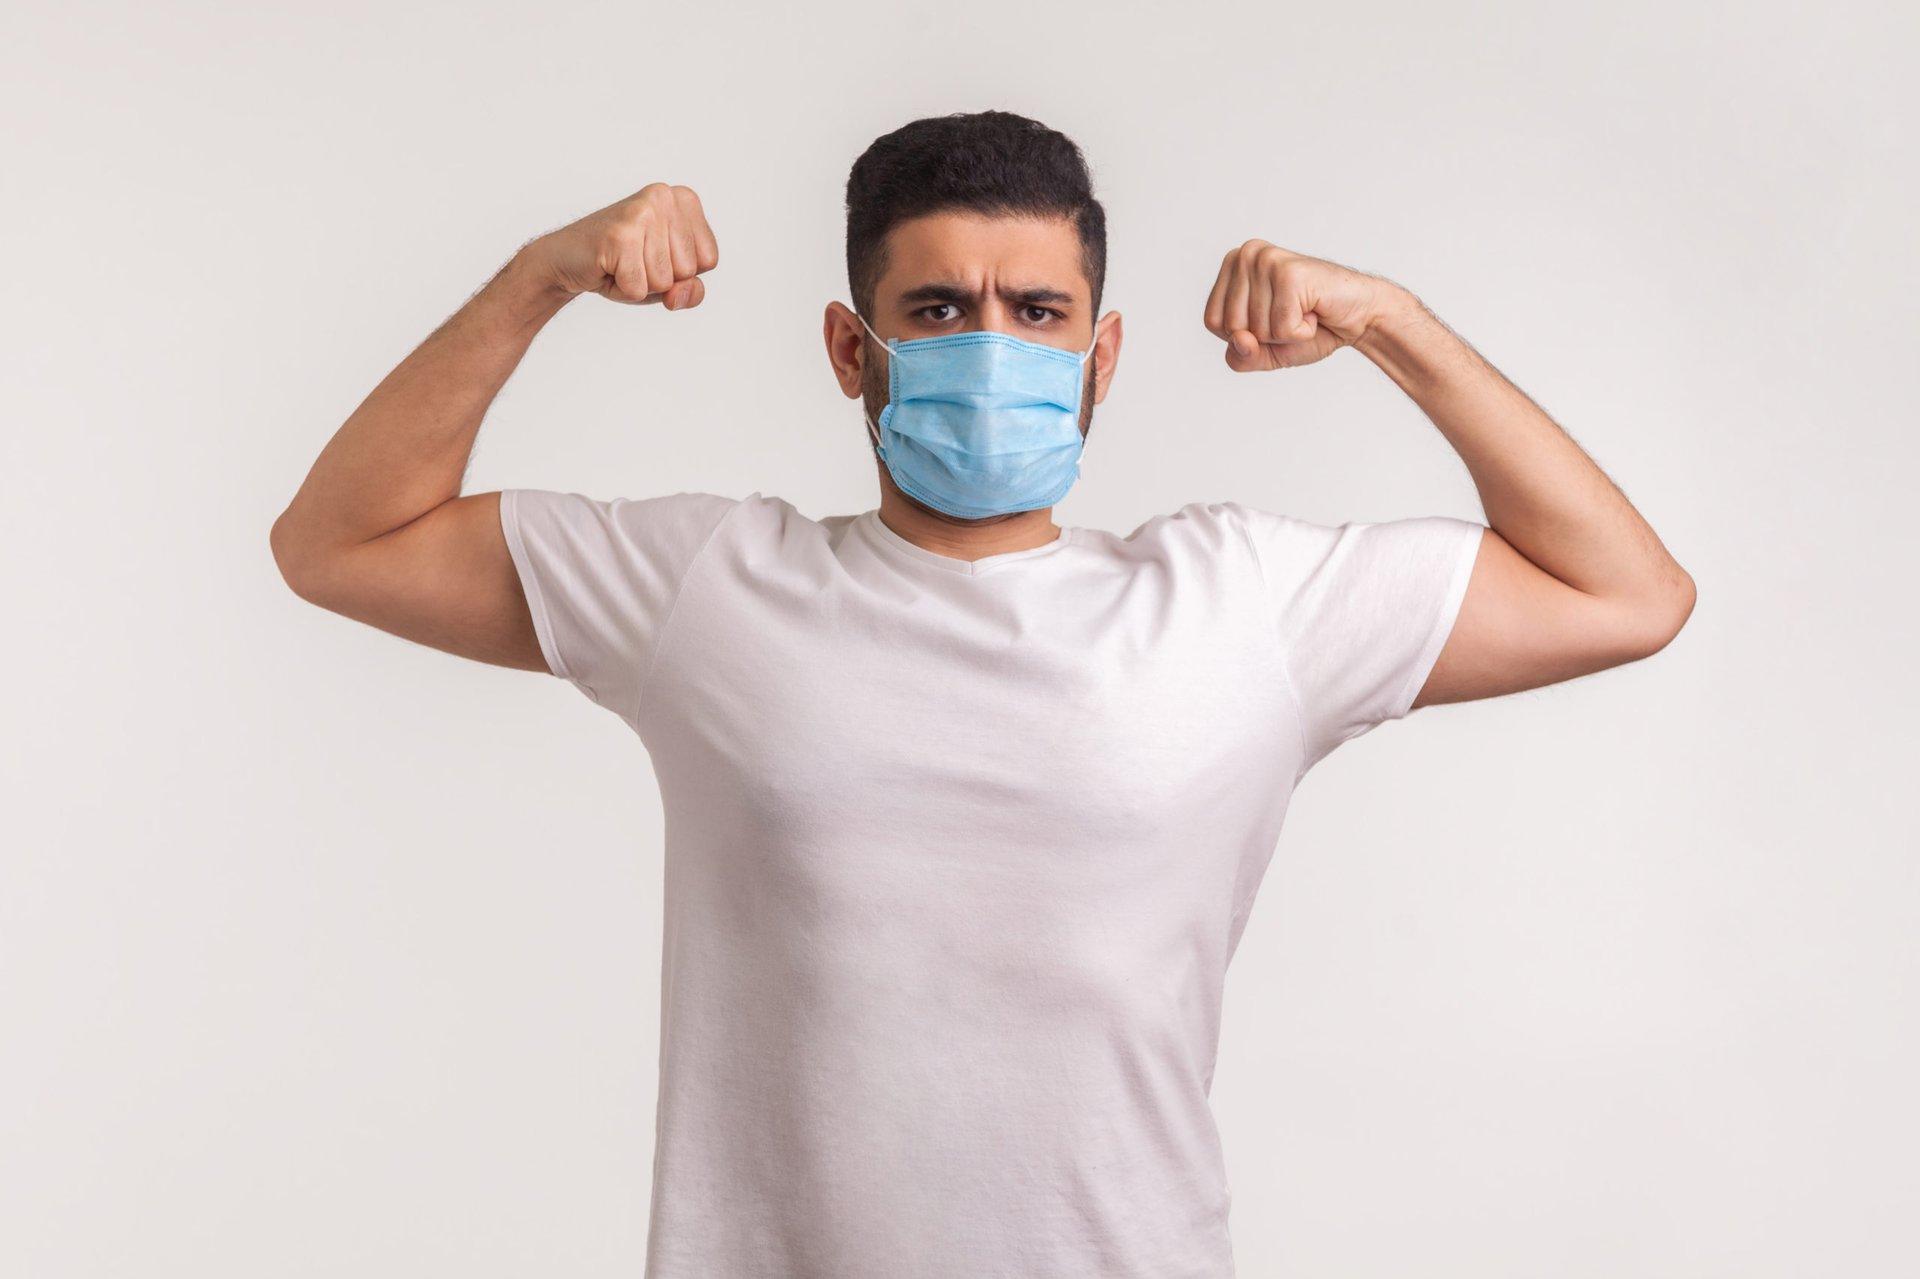 Man with coronavirus immunity